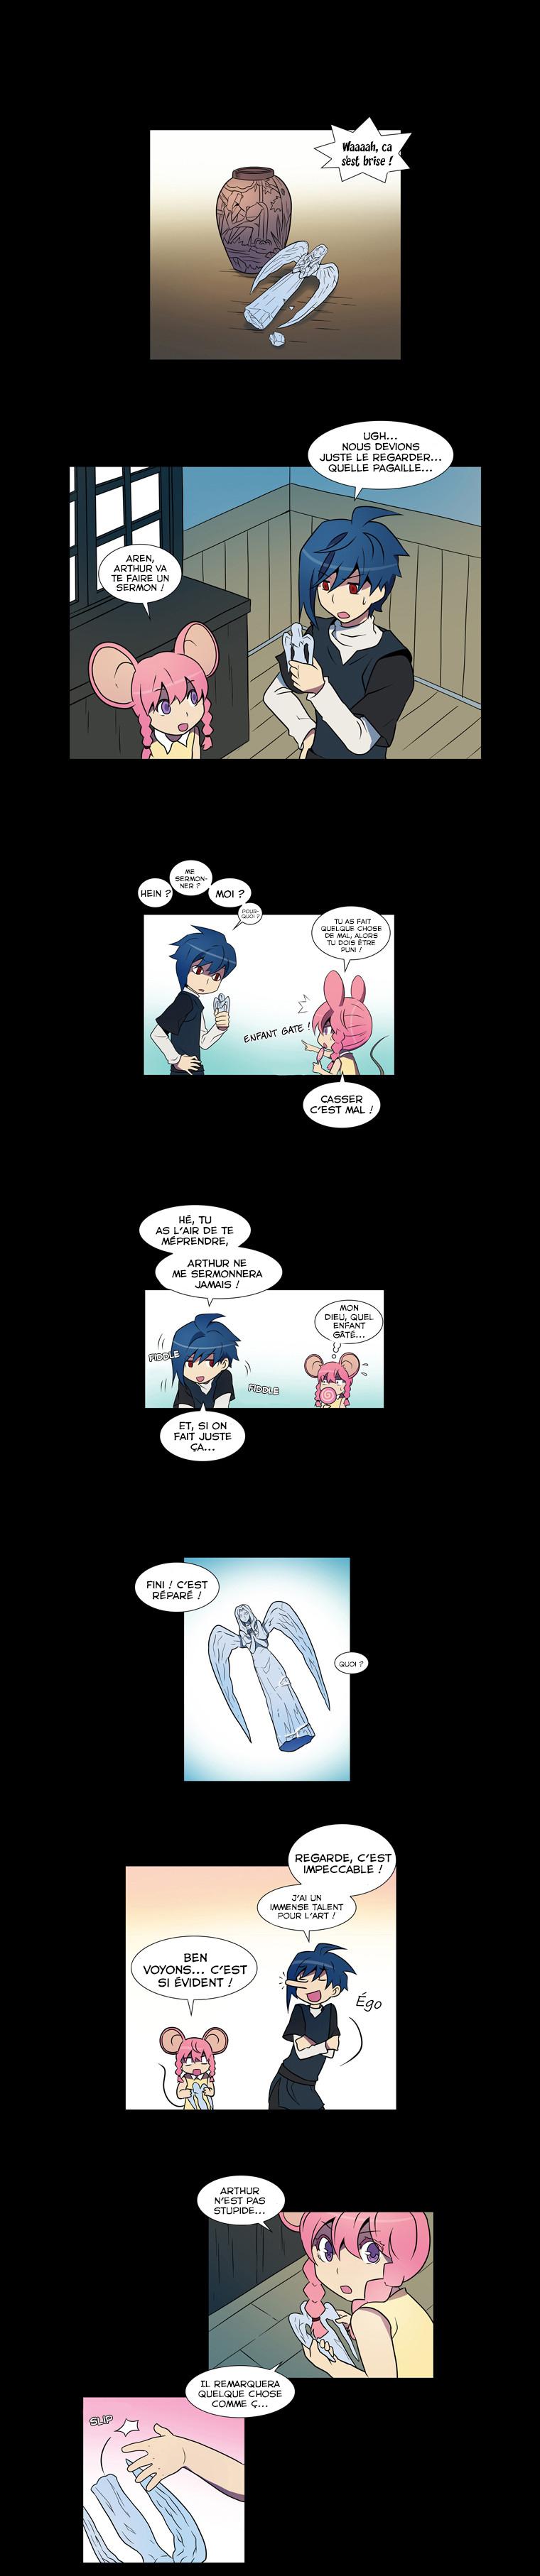 https://nine.mangadogs.com/fr_manga/pic1/5/2053/74653/LimeOdyssey19VF_0_429.jpg Page 1